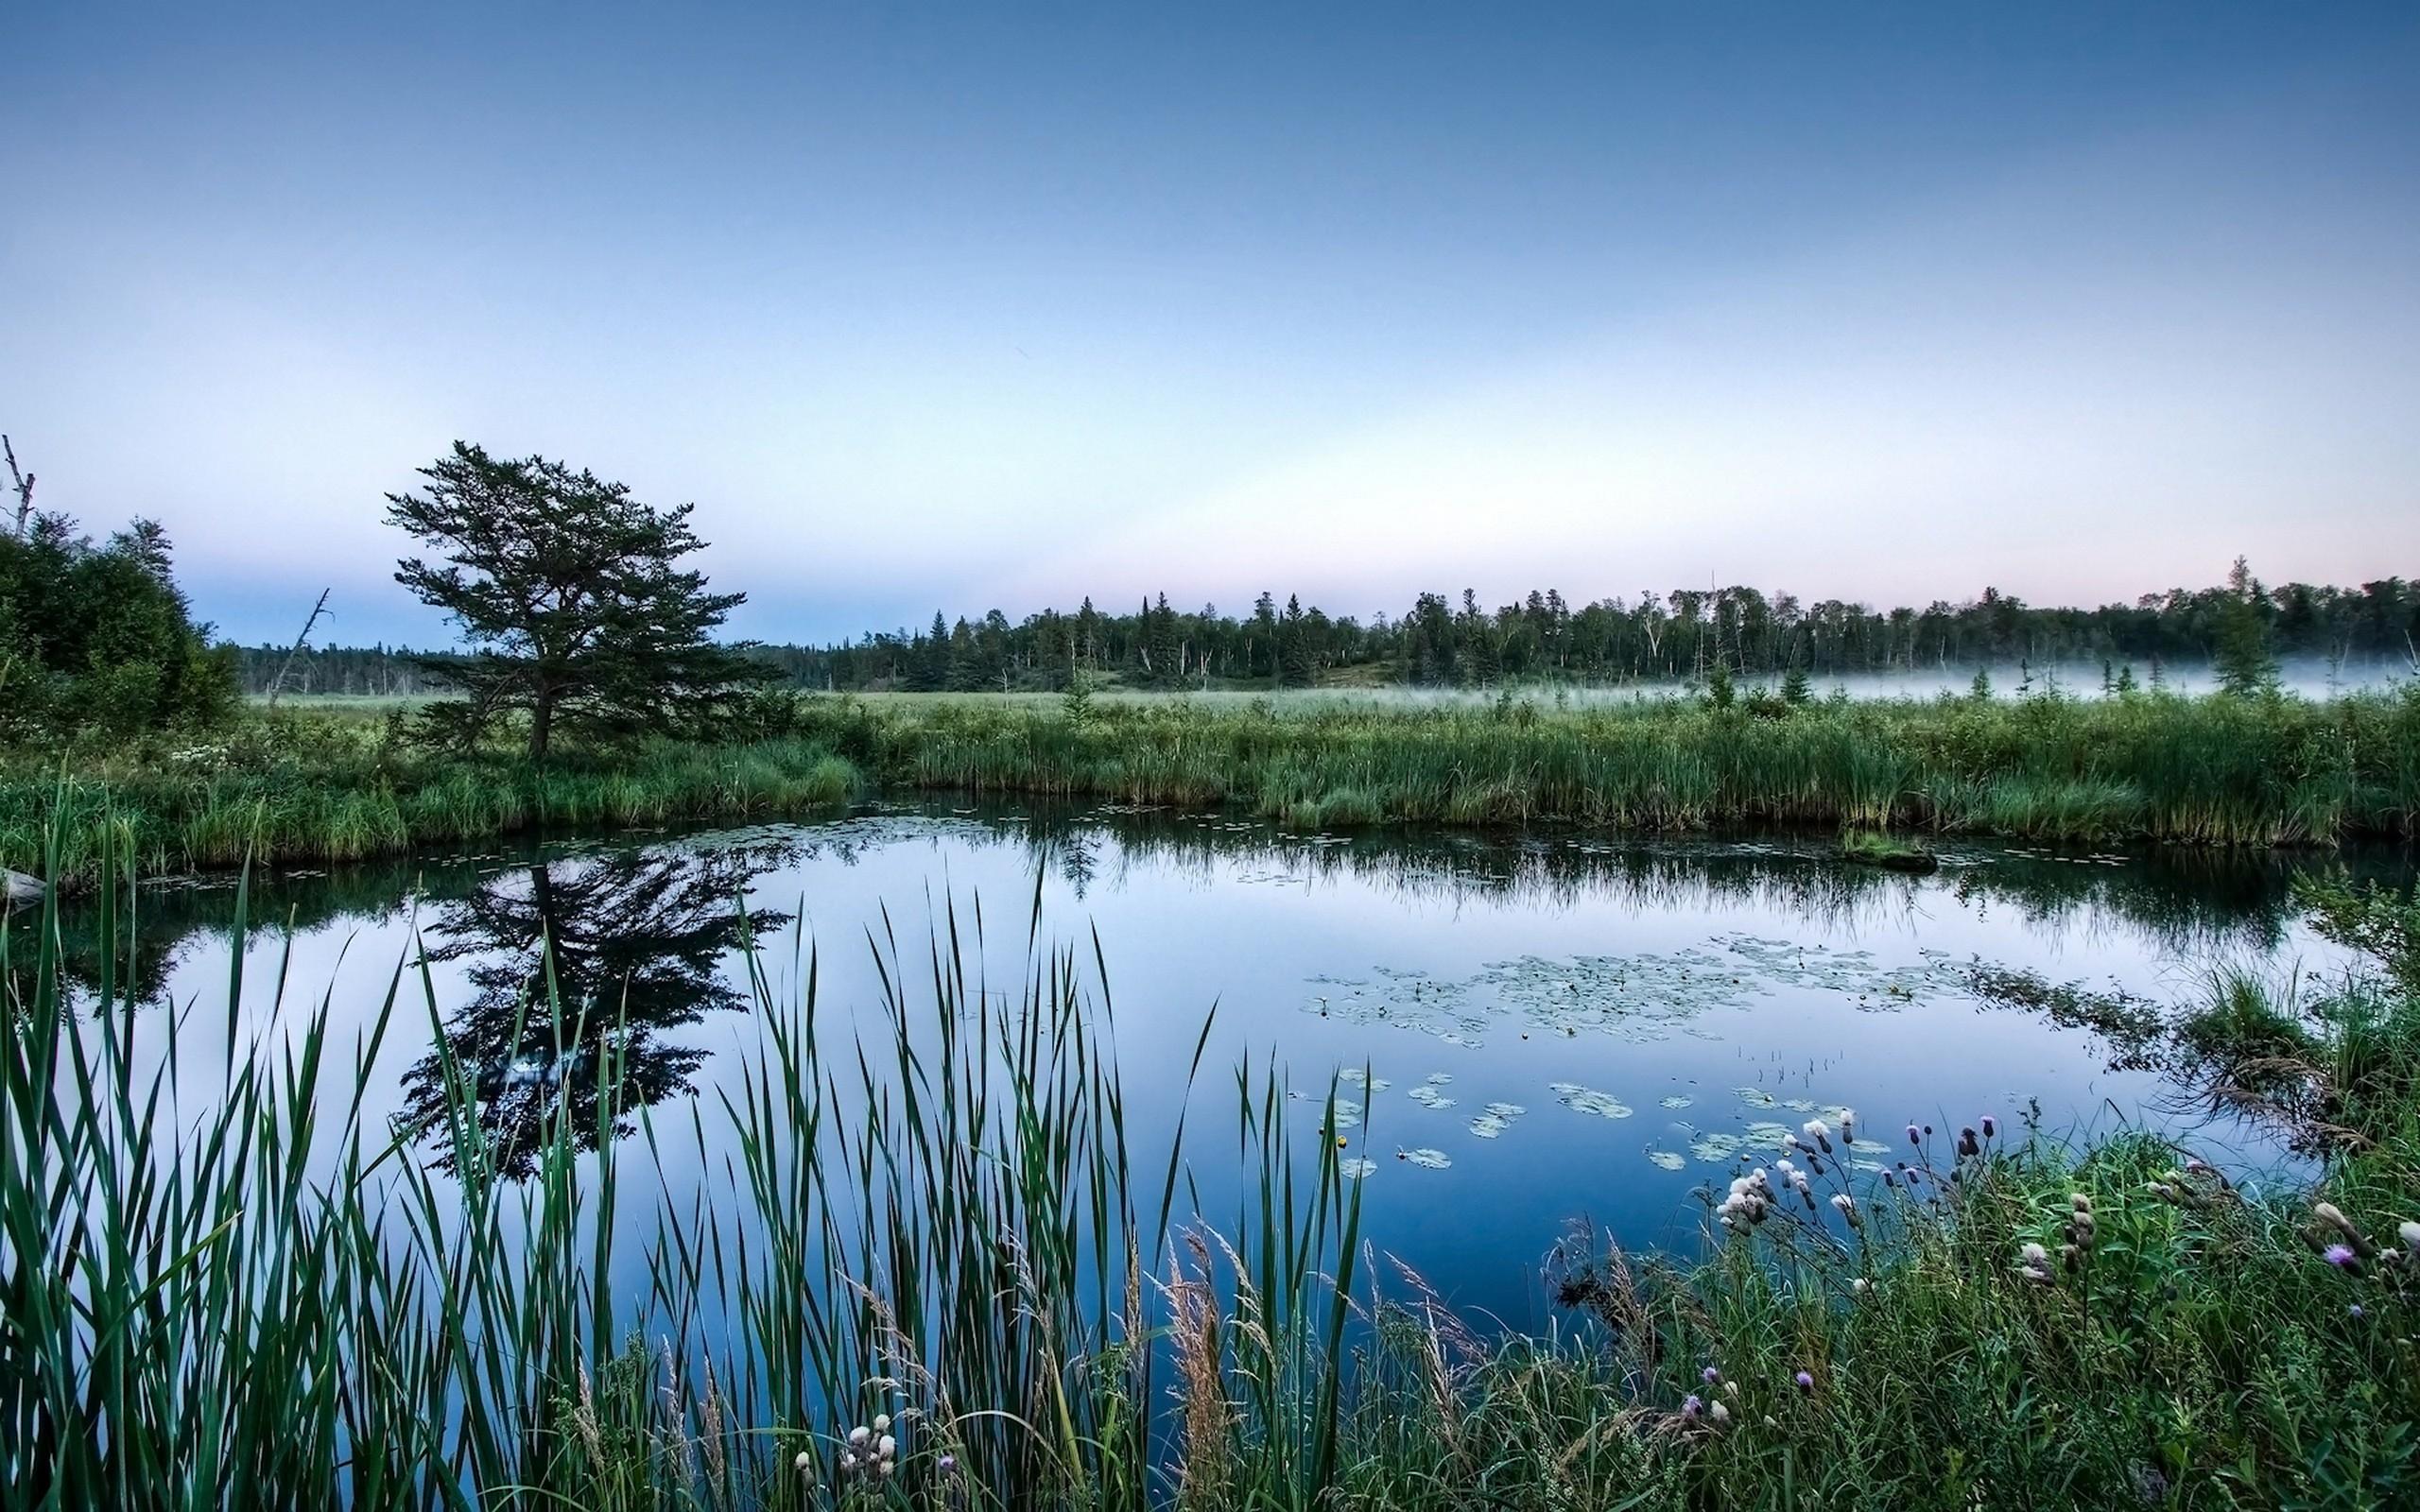 природа деревья небо озеро трава вода скачать